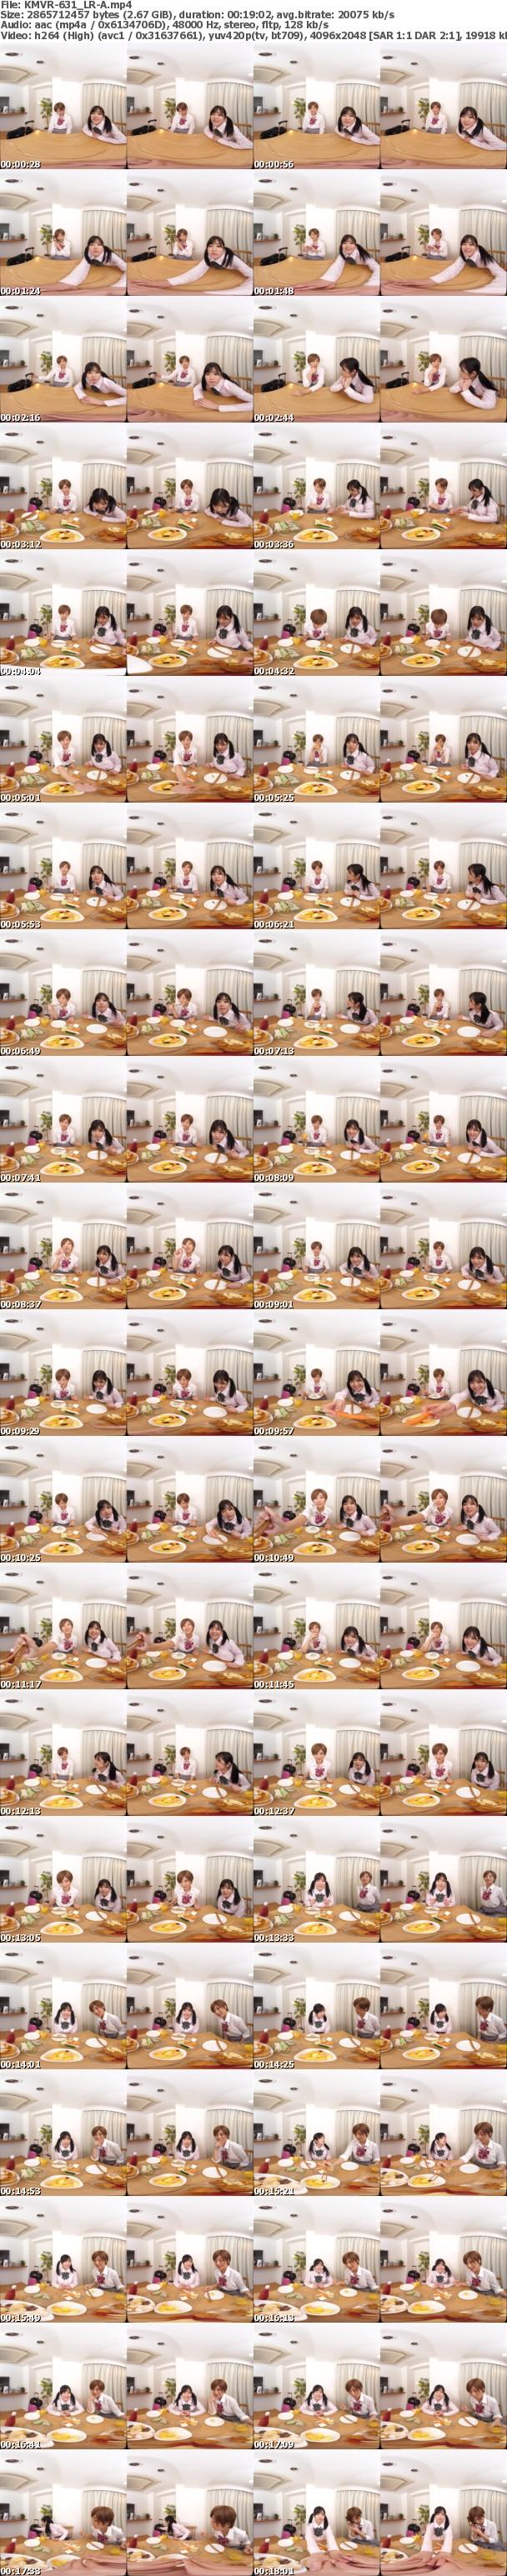 (VR) (LR) (KMVR-631) 妹2人が上京してきて僕の家に泊まりにきた。超可愛い小悪魔妹2人がち●ぽを奪い合う川の字サンドイッチハーレム逆3P!!